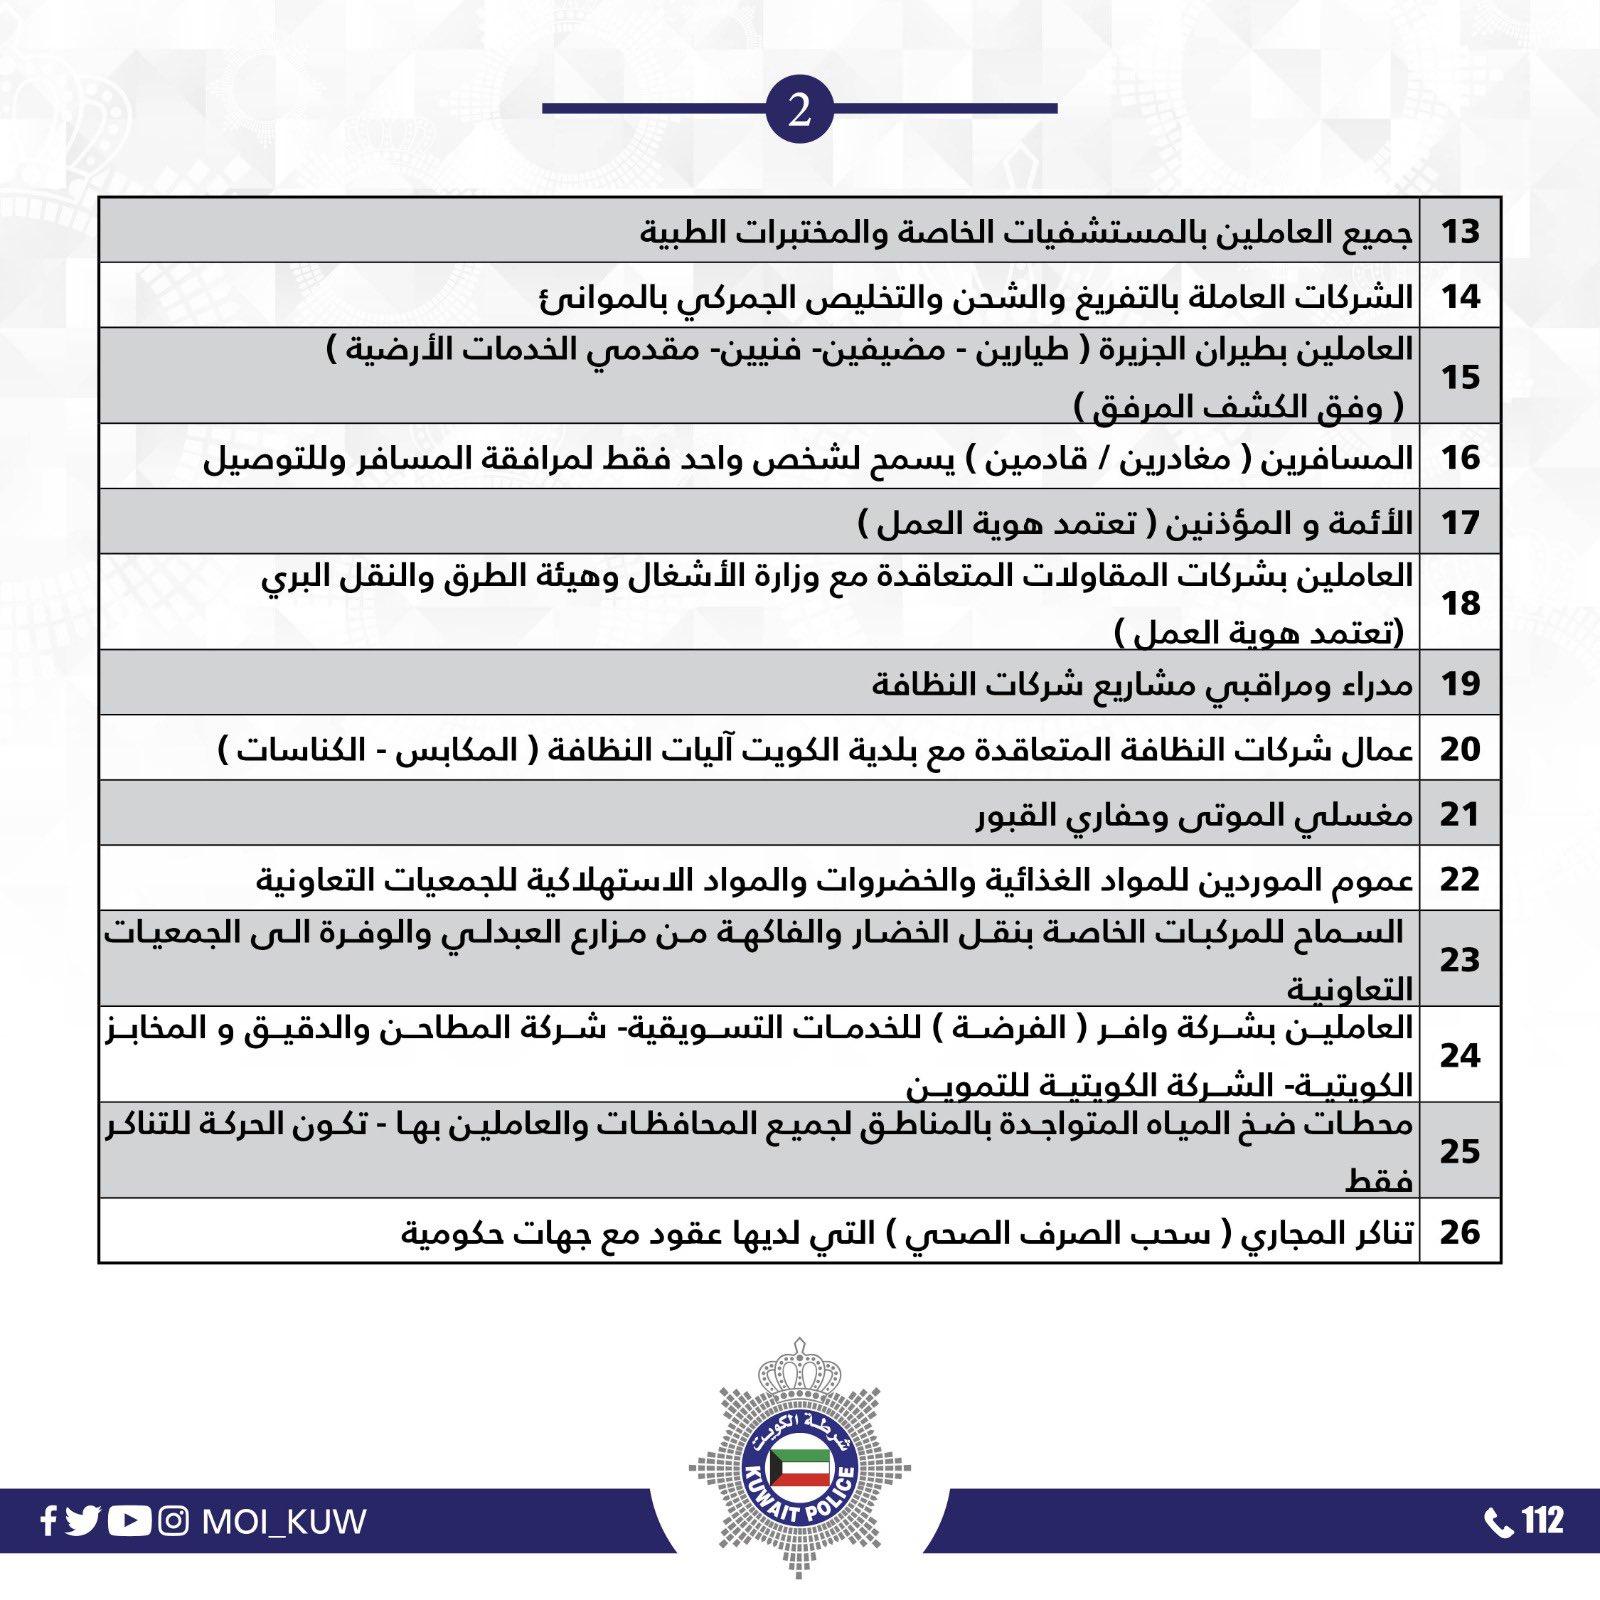 الجهات المستثناه من حظر التجويل في الكويت 2021